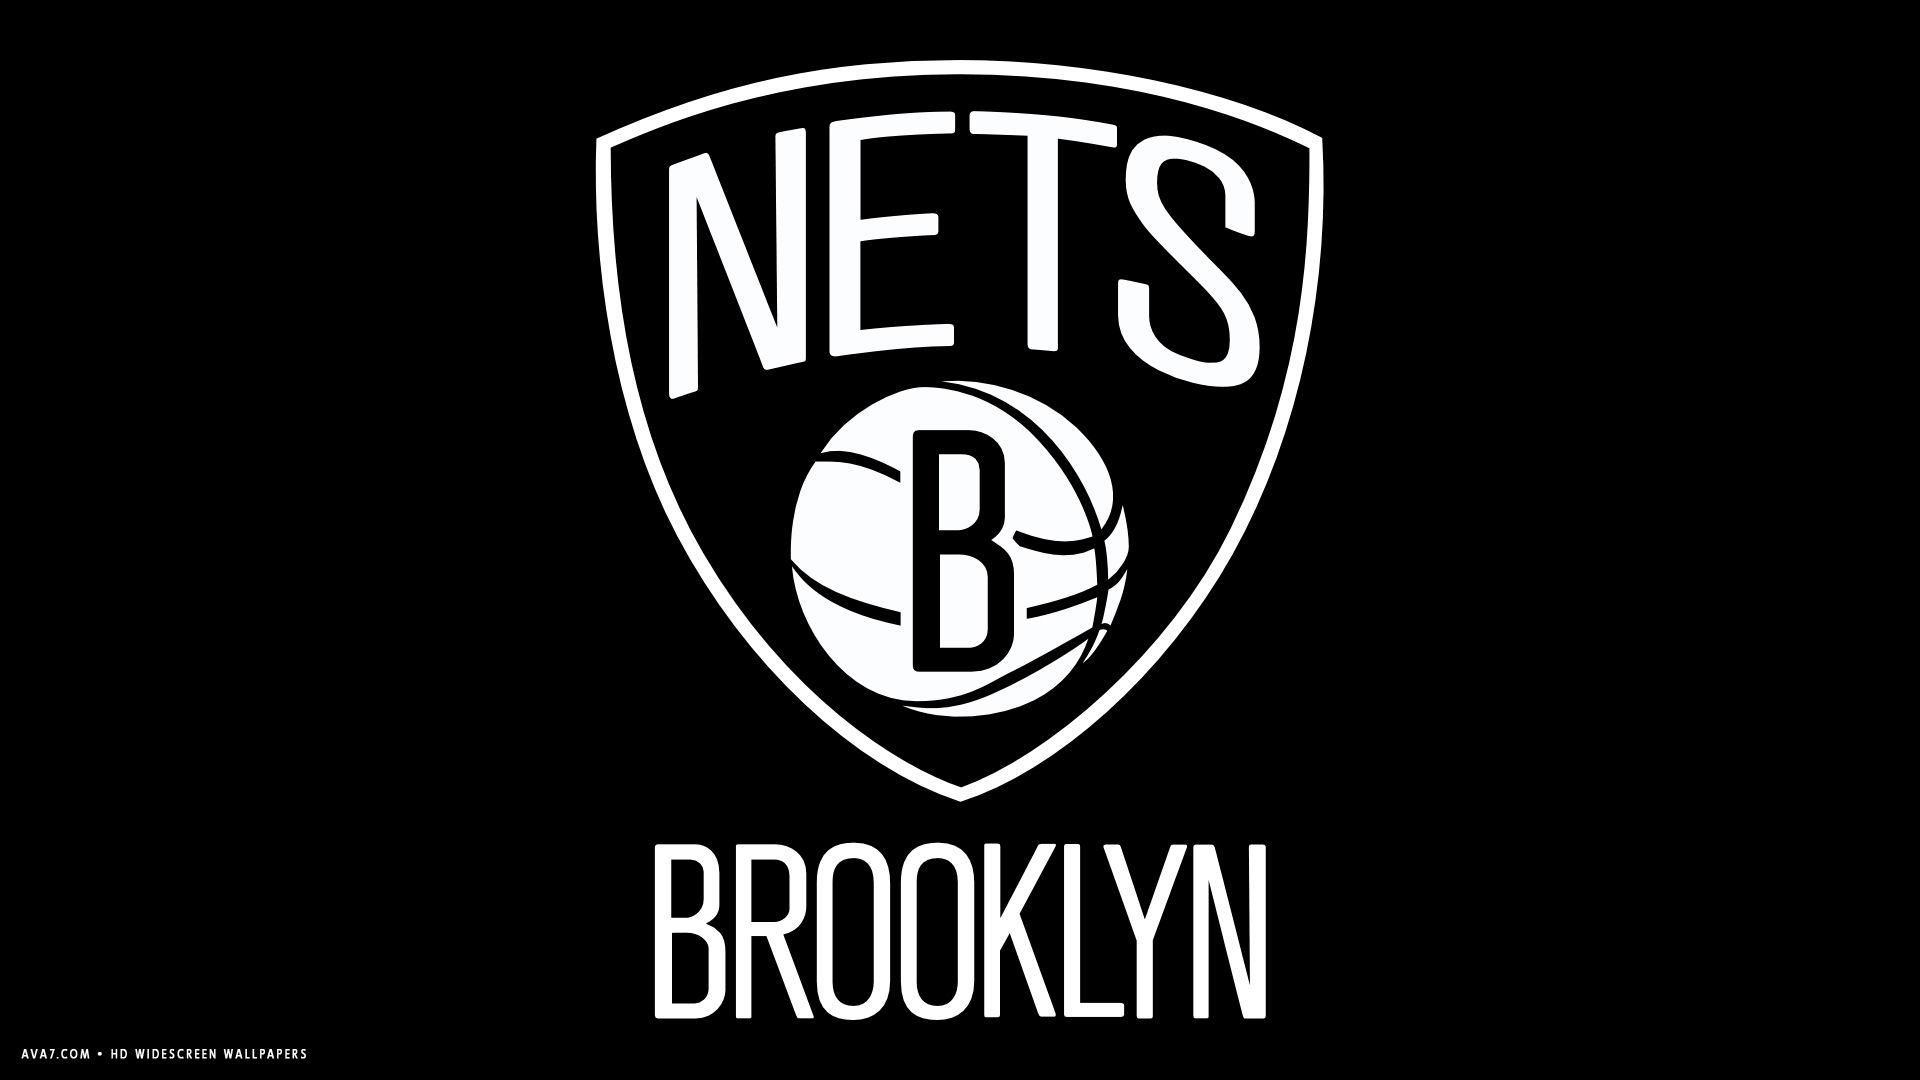 brooklyn nets nba basketball team hd widescreen wallpaper ...